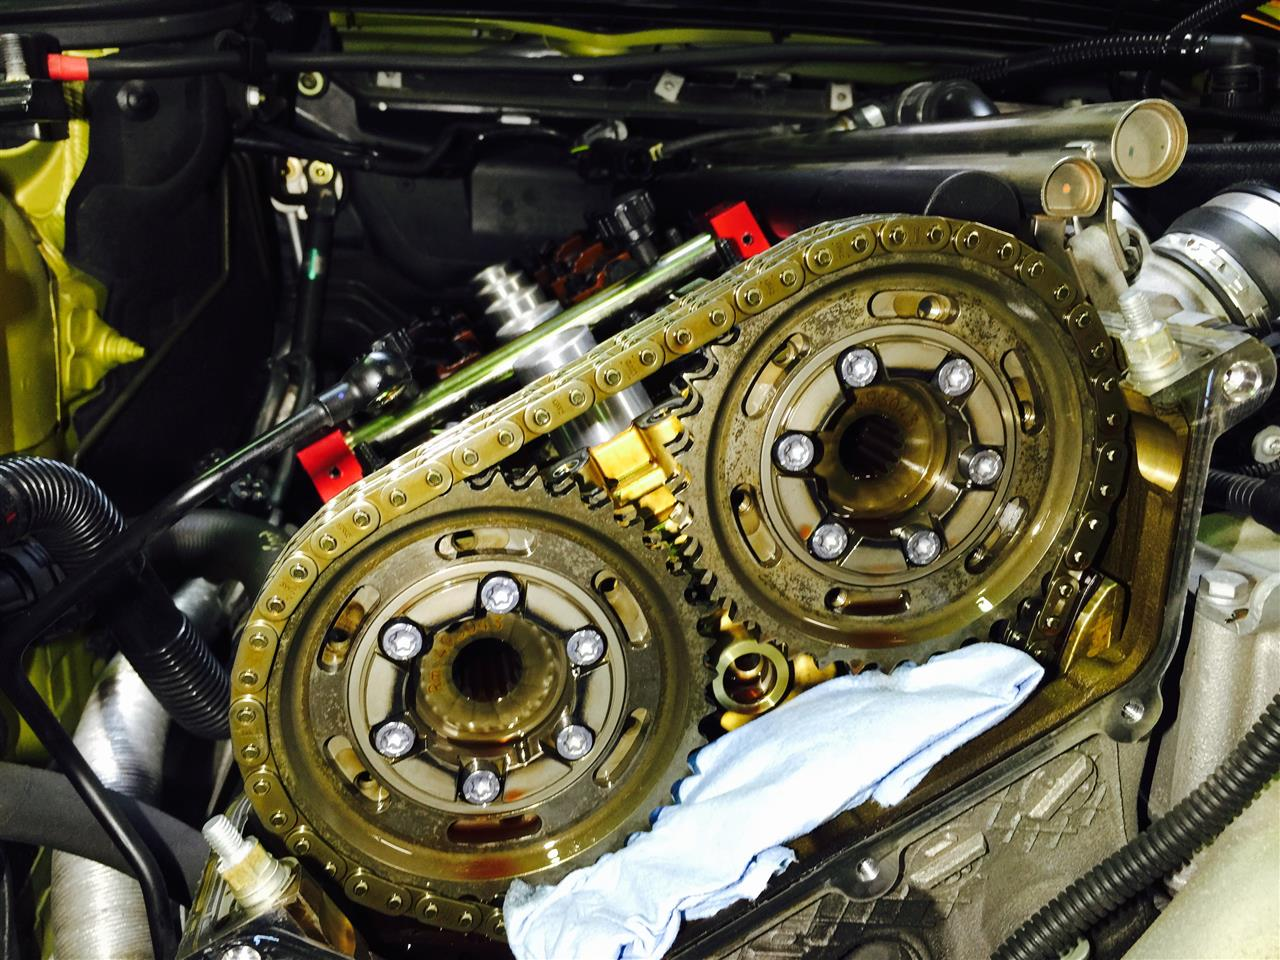 MW S54エンジン フィリスターボルト交換